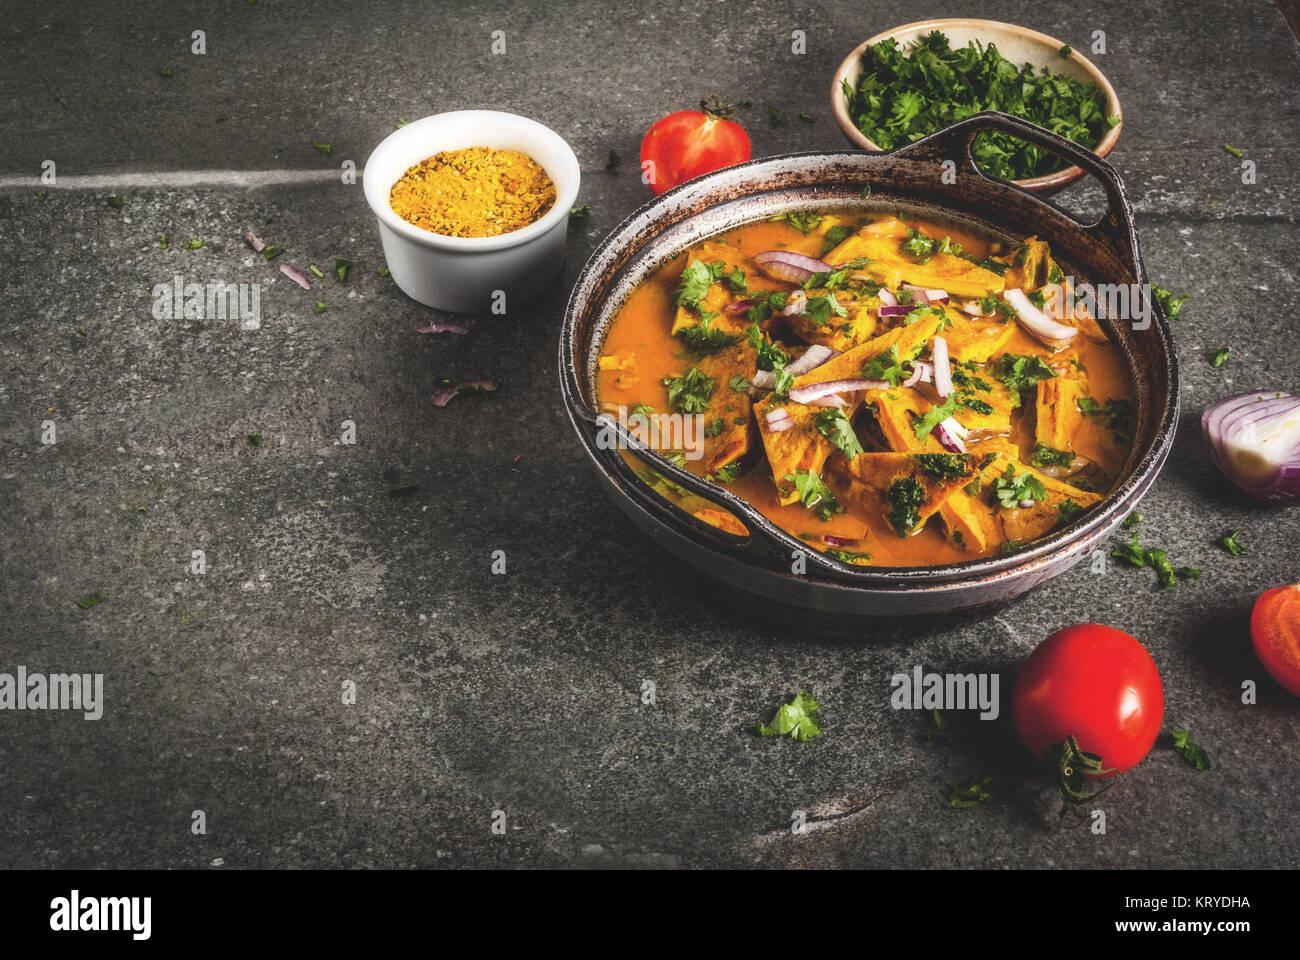 Recettes de cuisine indienne, indienne Masala omelette Scrawl, avec des légumes frais - tomate, piment, persil Photo Stock